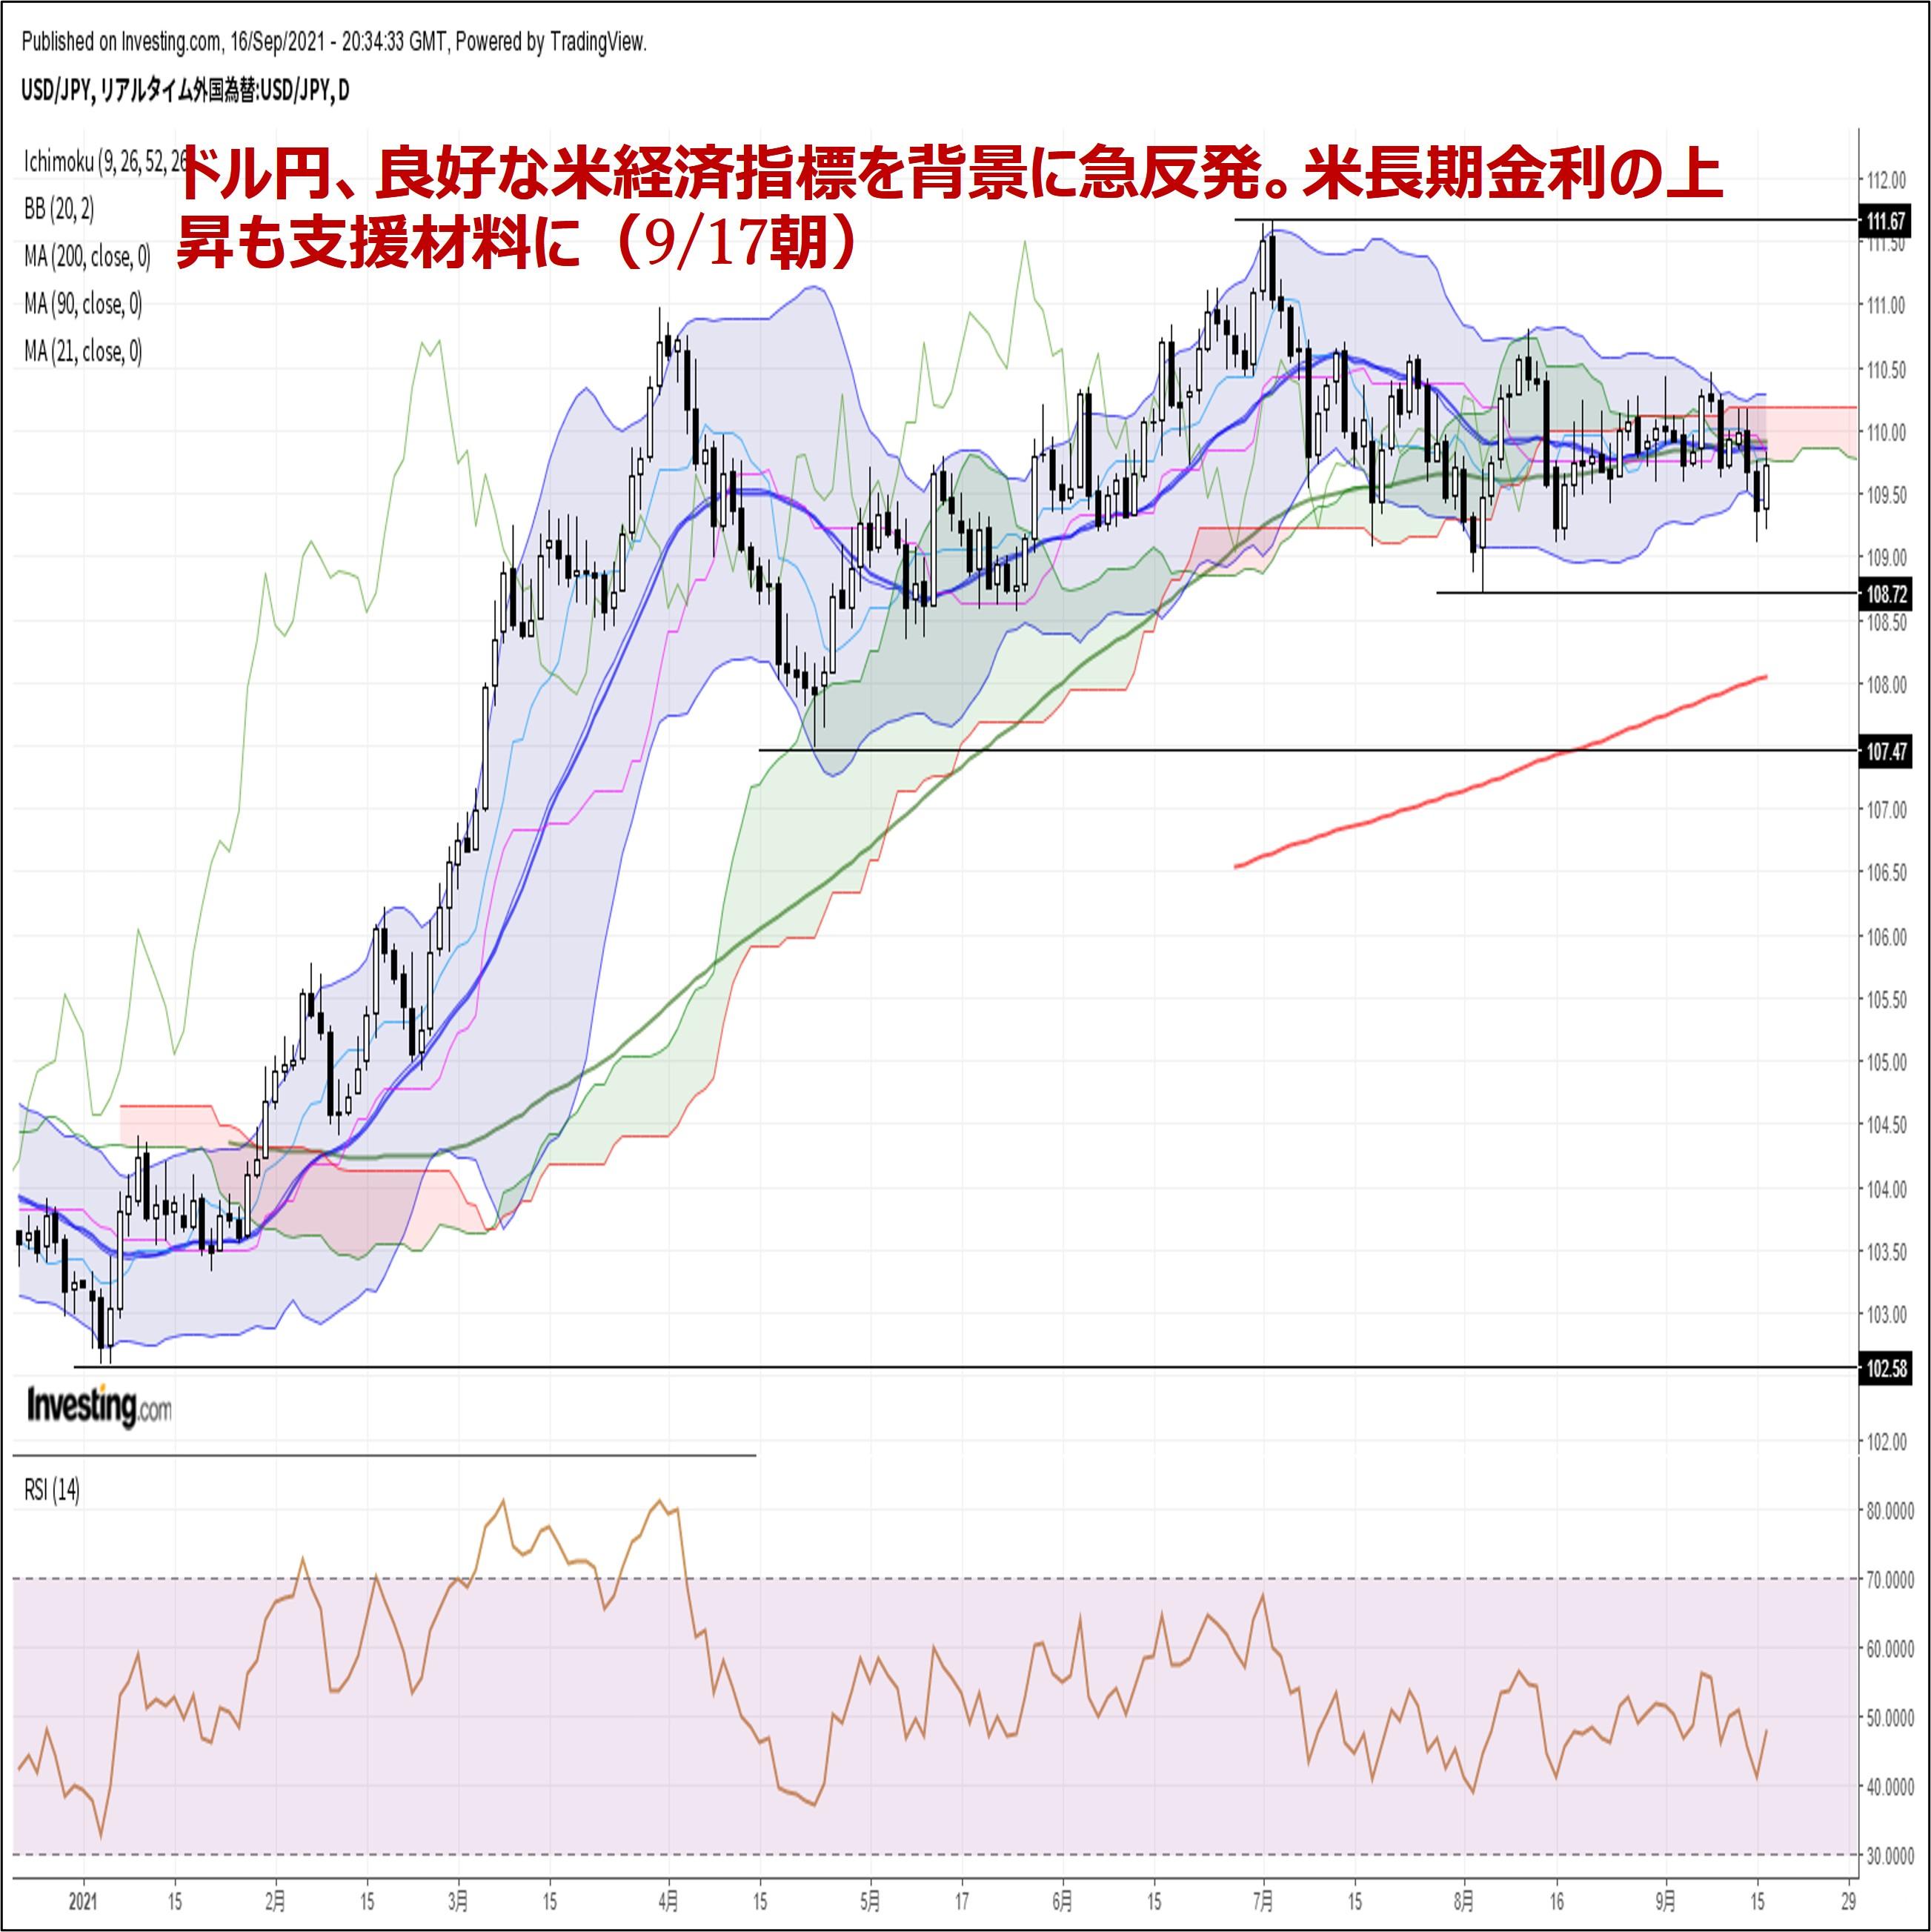 ドル円、良好な米経済指標を背景に急反発。米長期金利の上昇も支援材料に